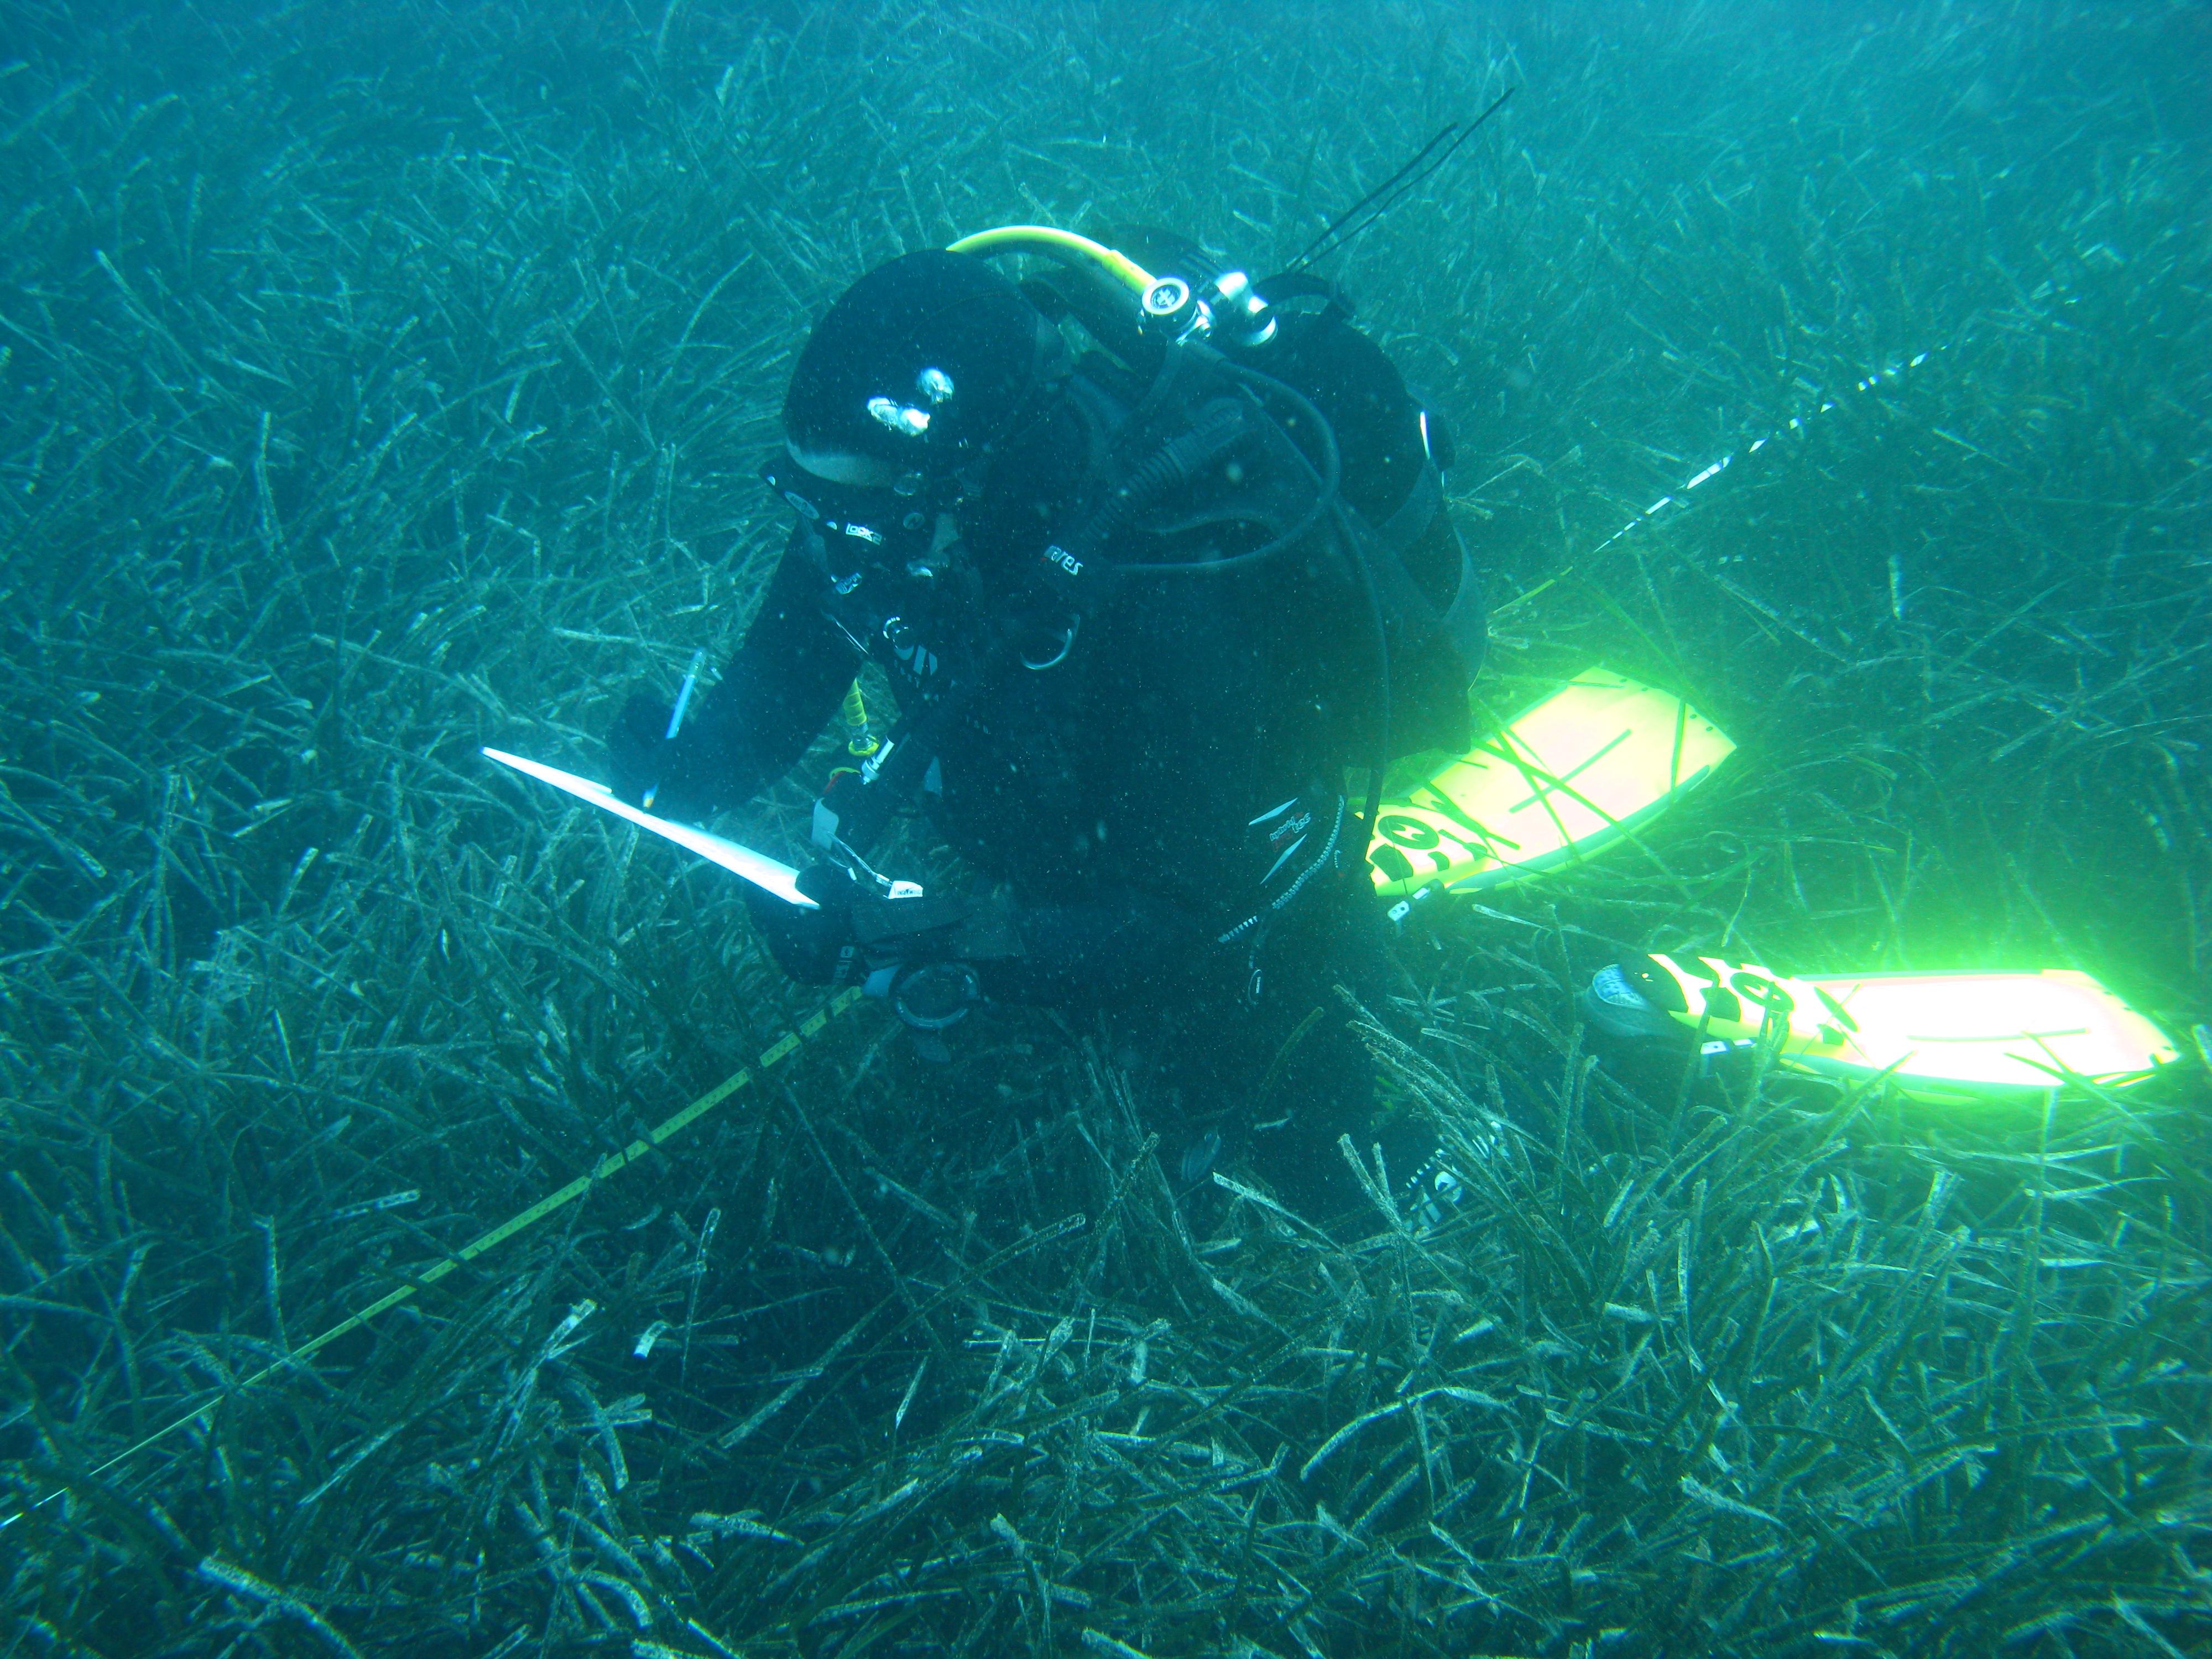 Kartiranje, monitoring i upravljanje prekograničnom Natura 2000 mrežom na moru – 4M